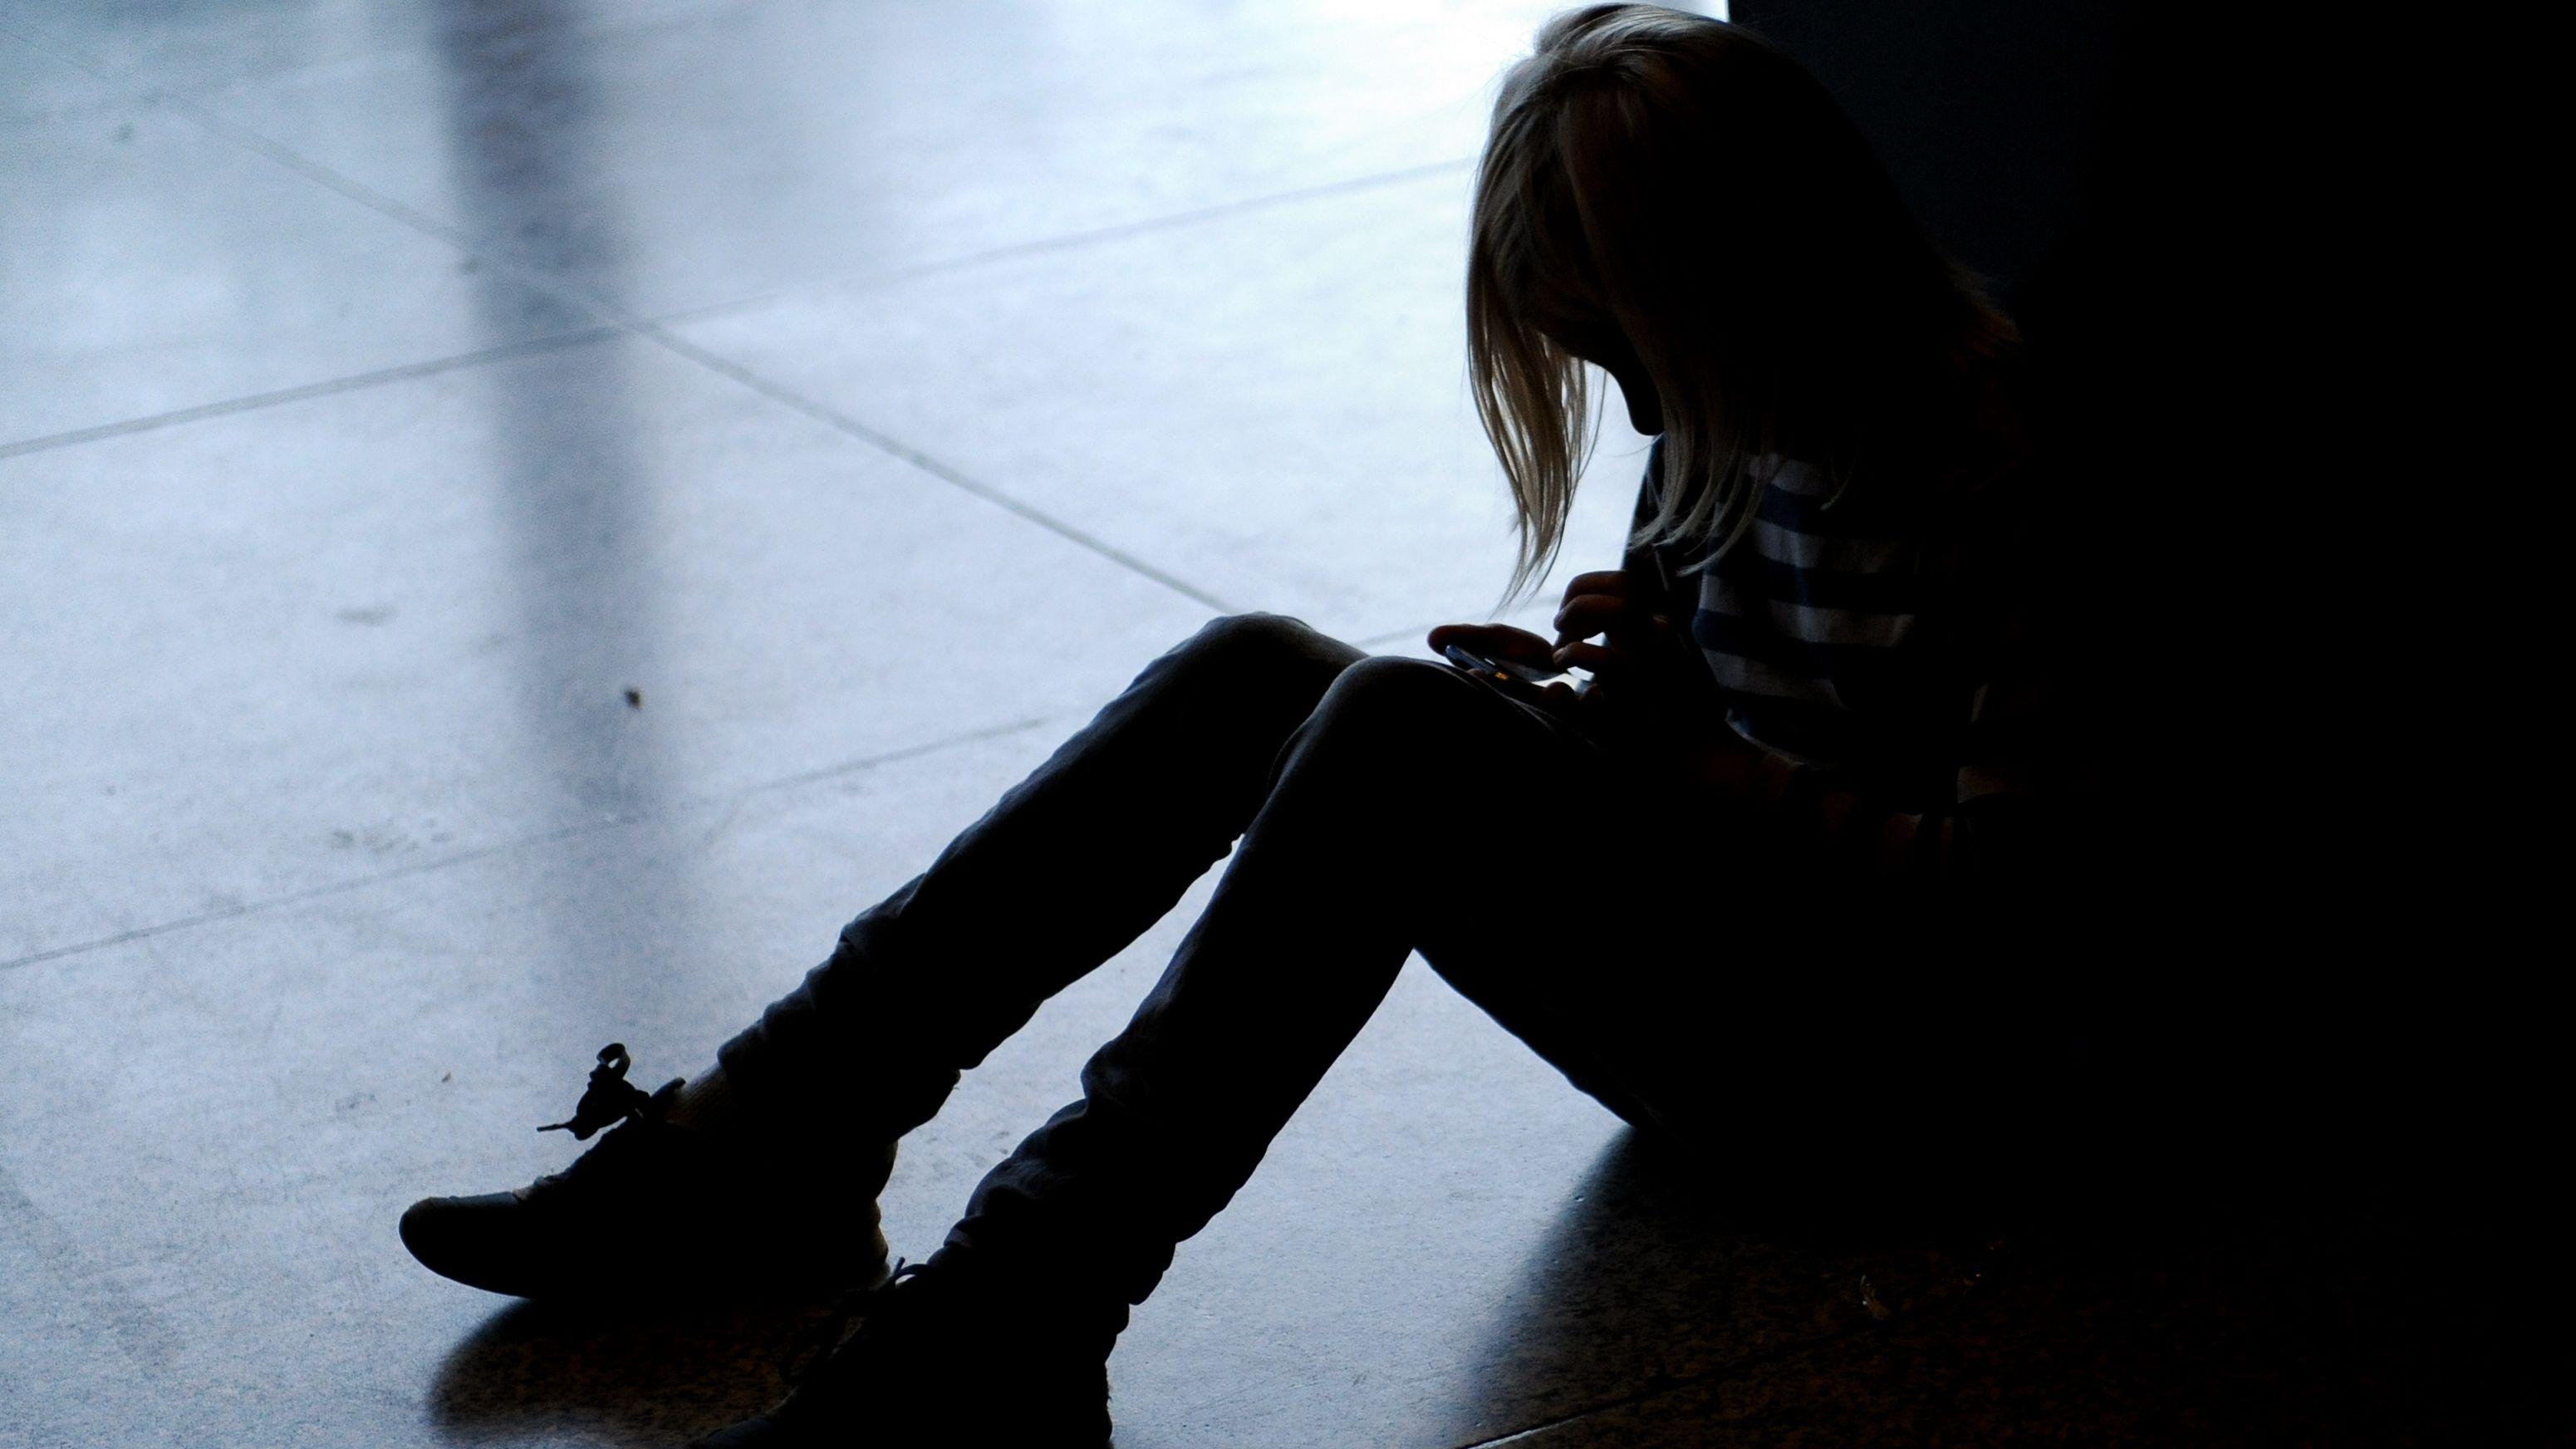 Ein kleines Mädchen sitzt allein auf dem Fußboden und hat den Kopf gesenkt.